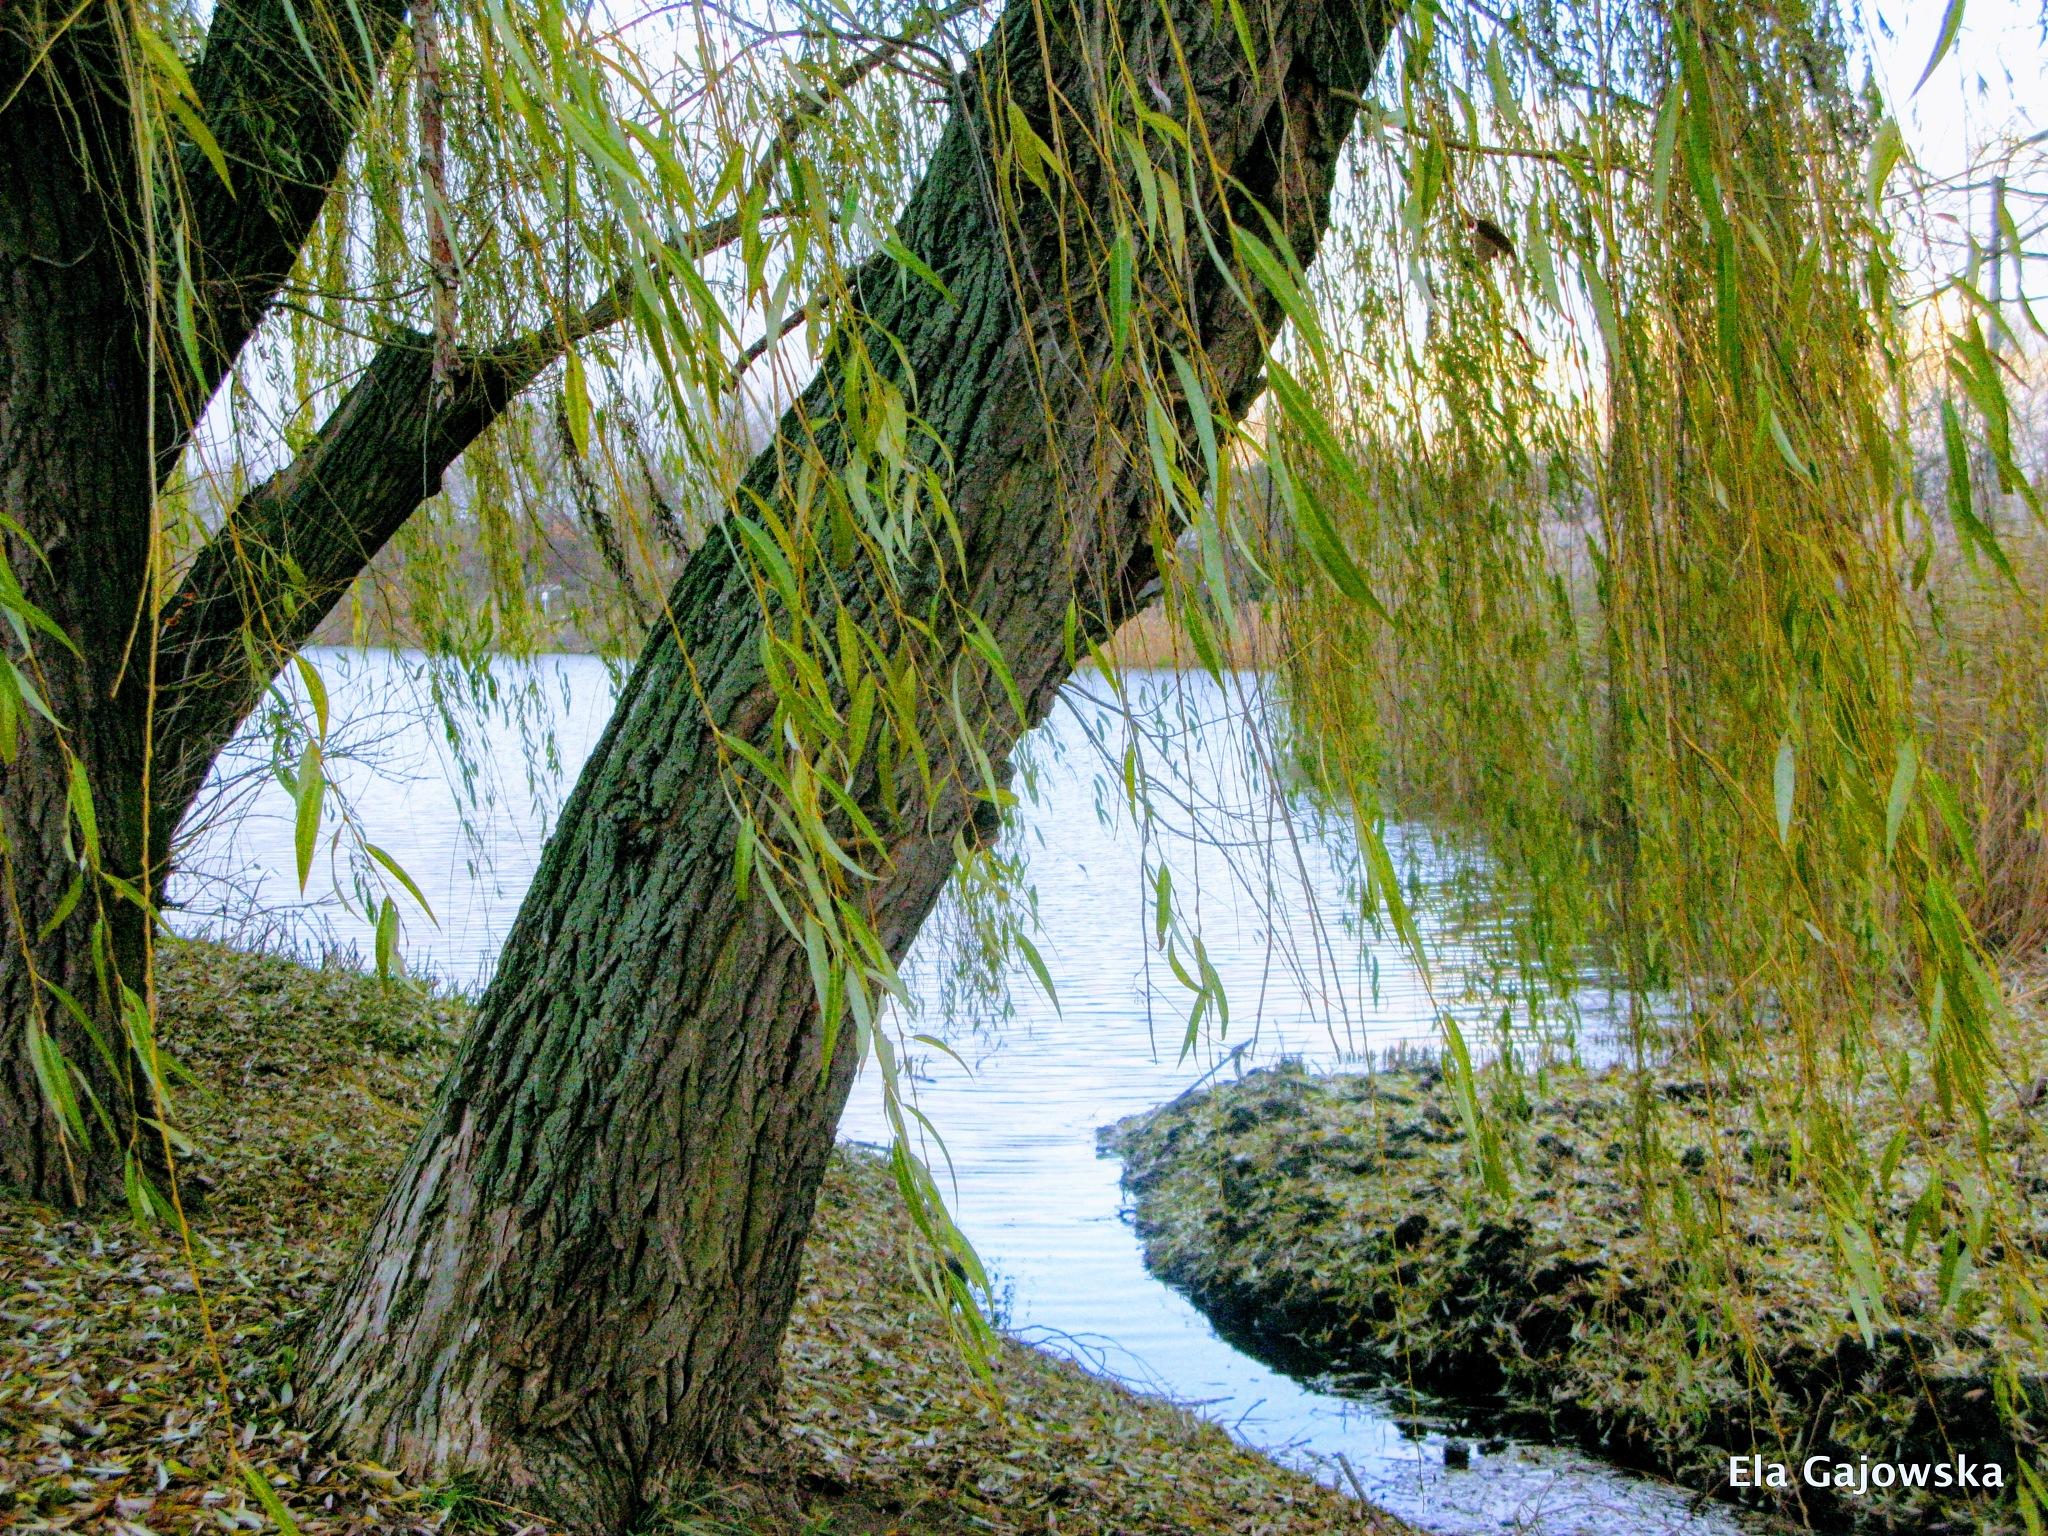 Weeping willow by Ela Gajowska